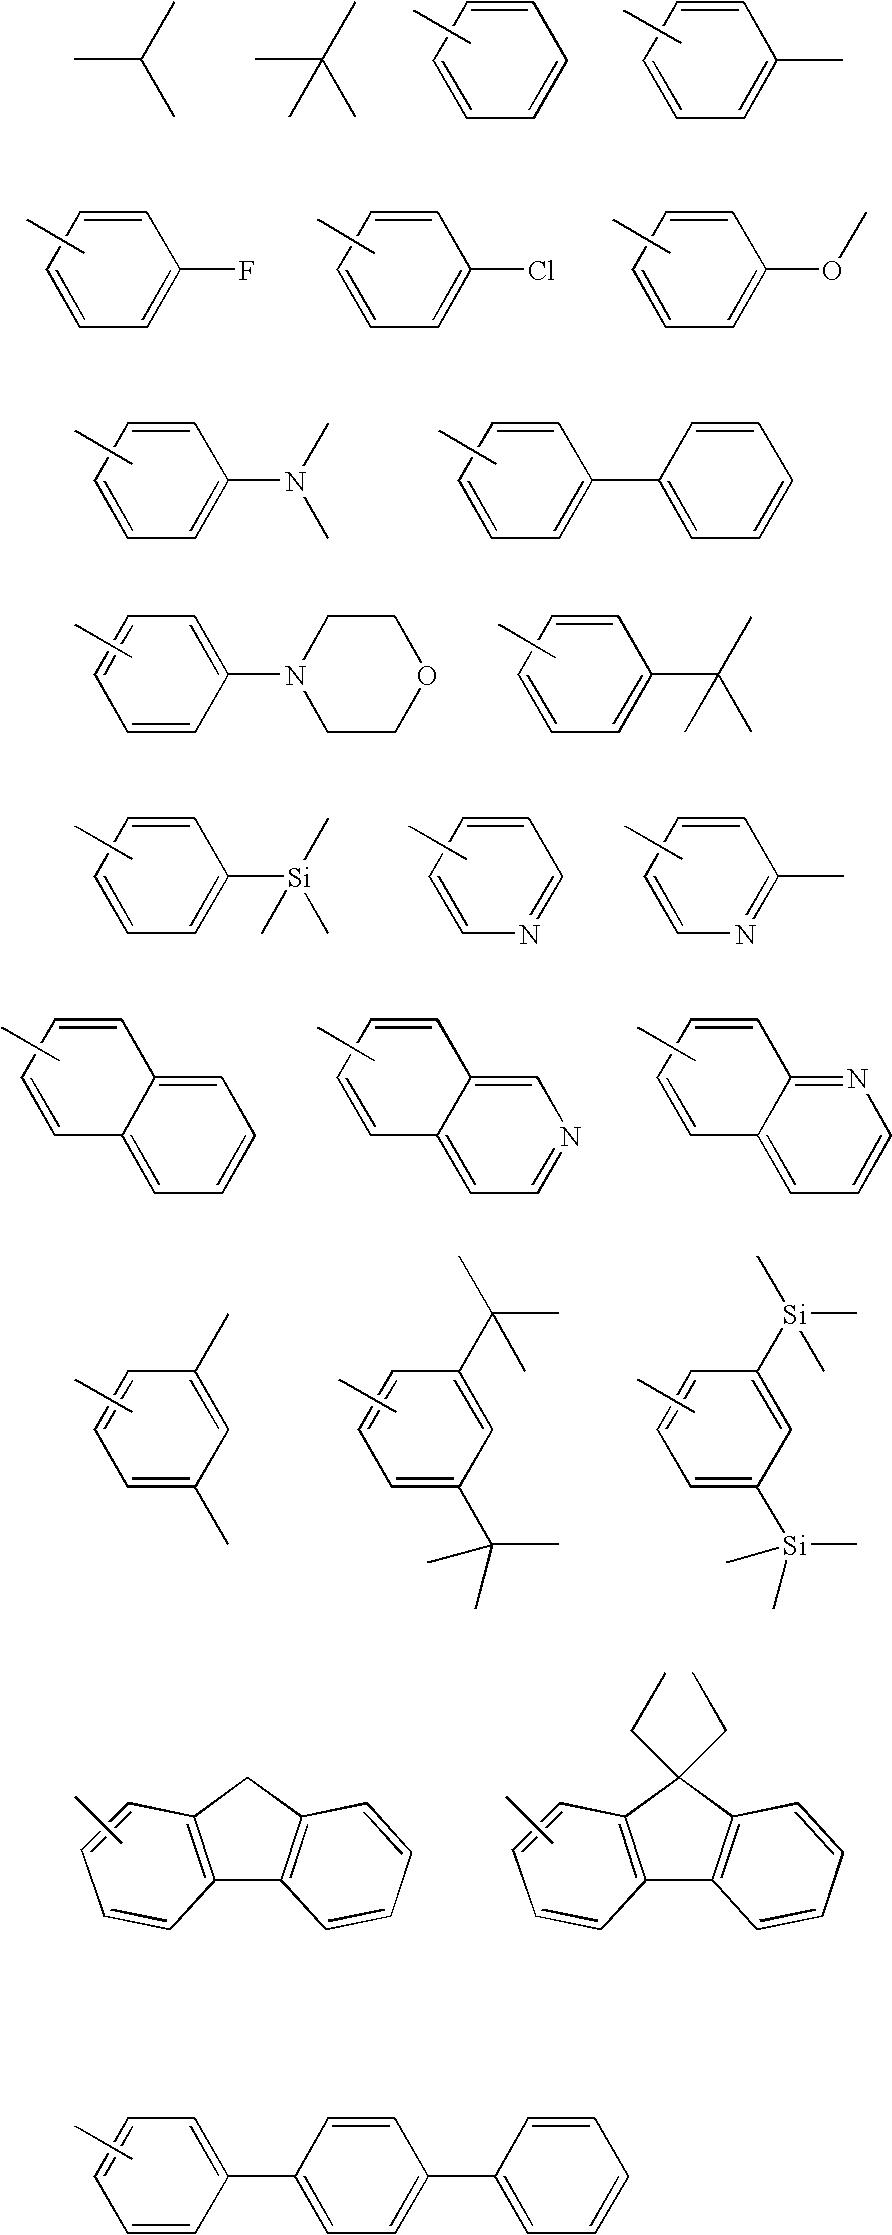 Figure US07651788-20100126-C00012